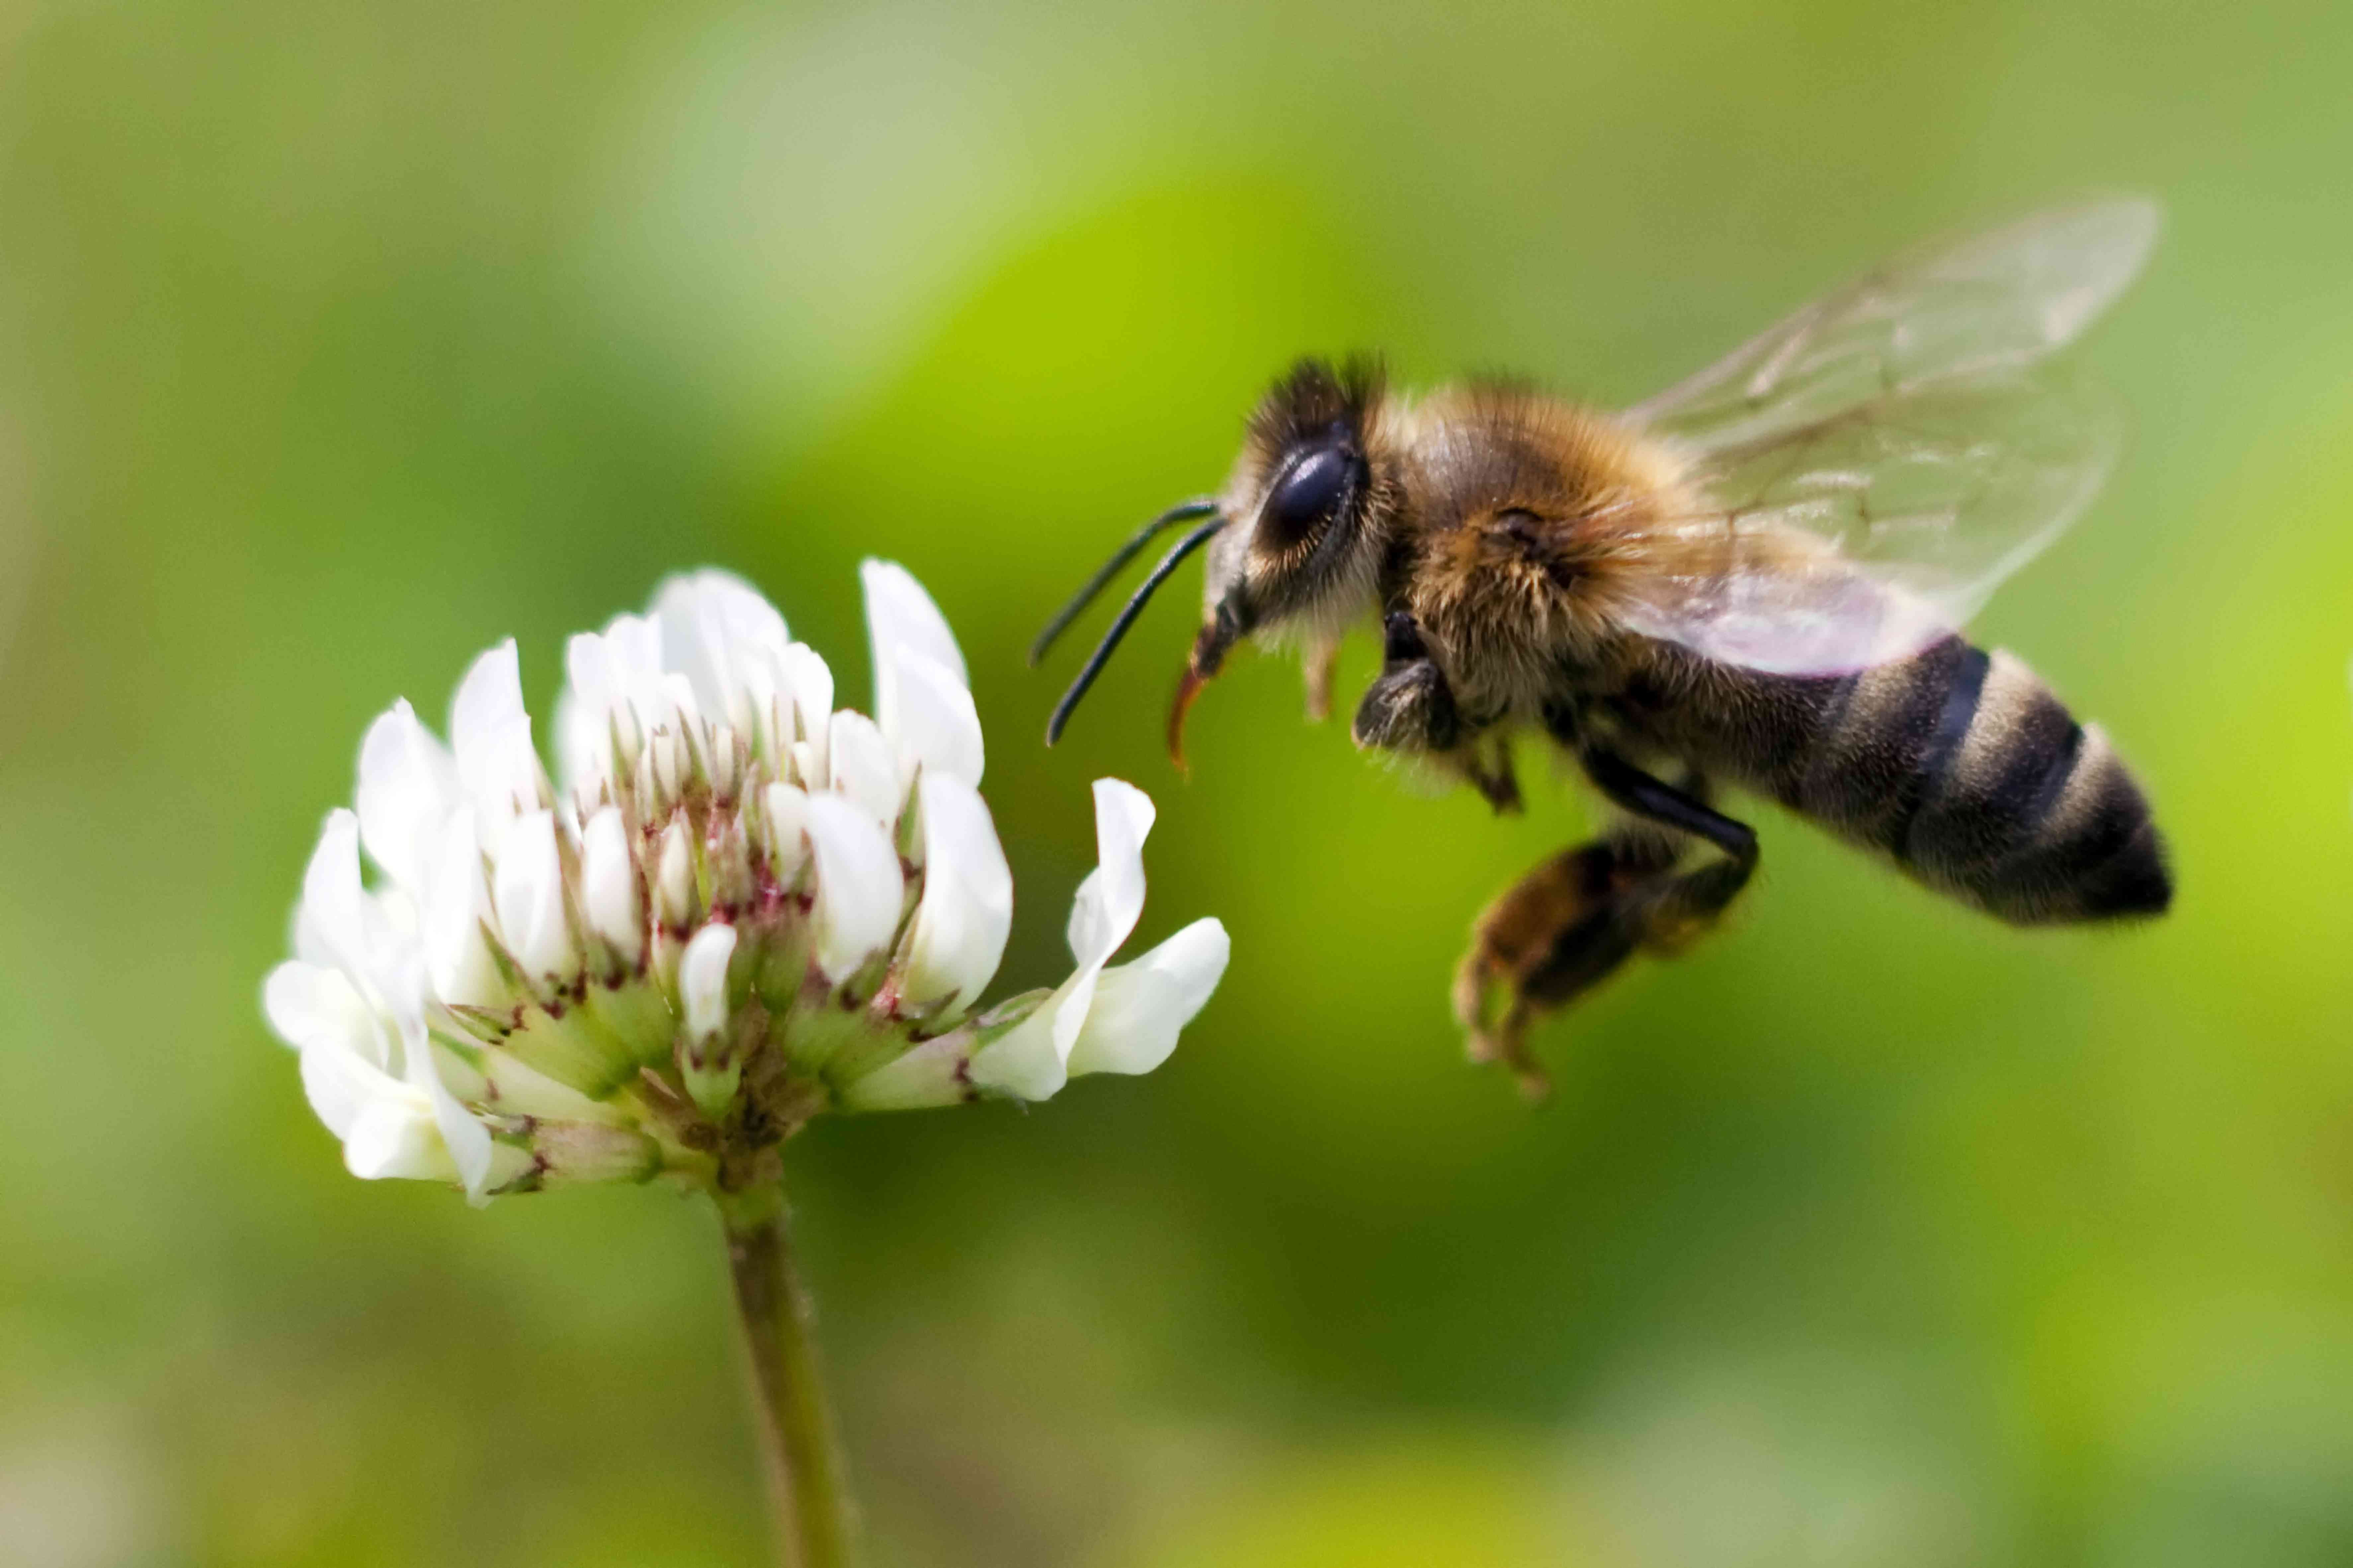 Honey bee flying toward white flower